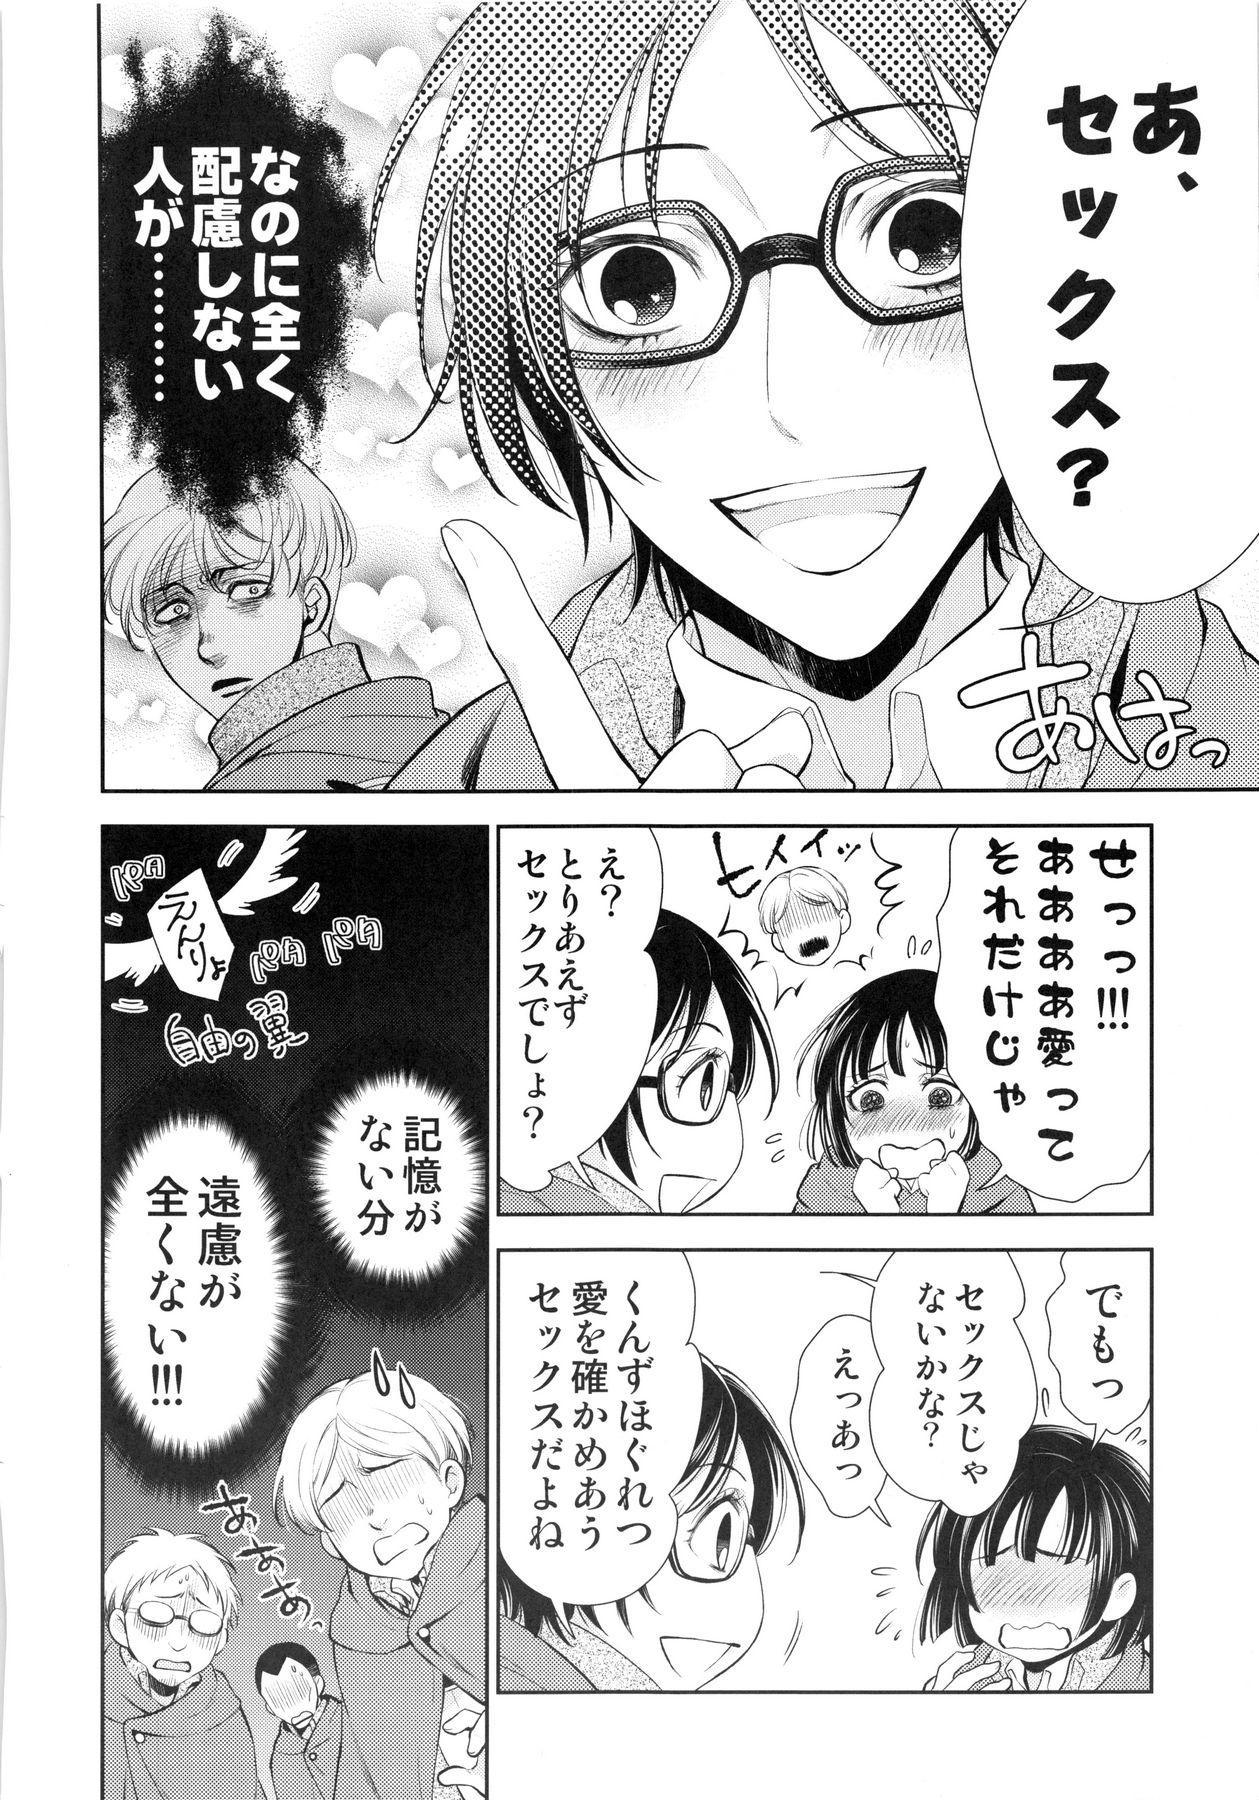 Abare Kikoushu to Abareuma de Kioku Soushitsu 5